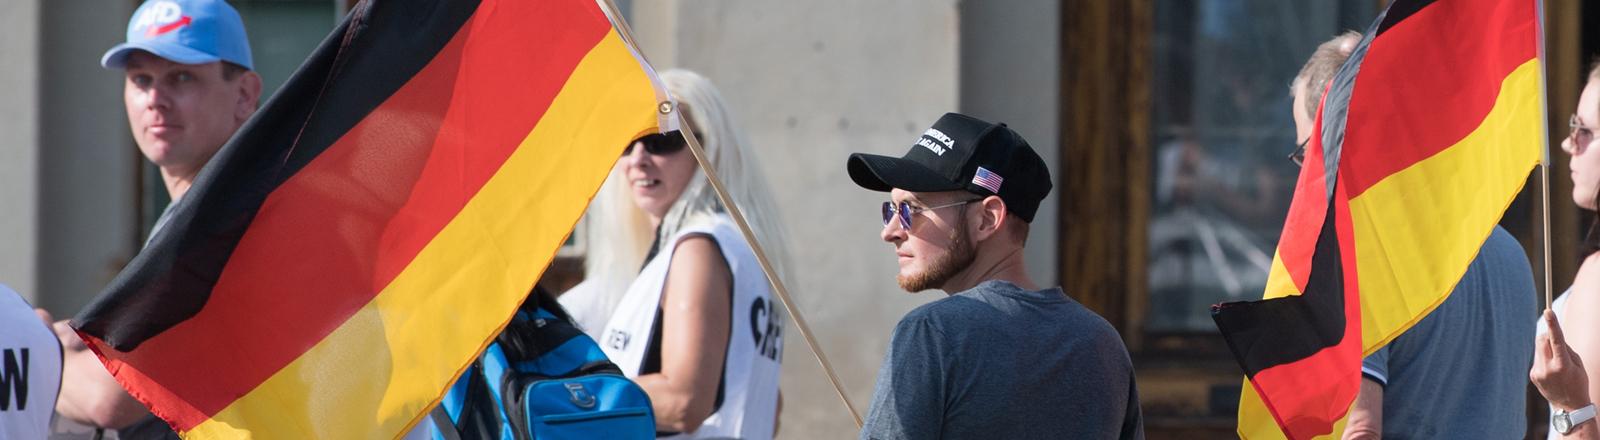 """Junger Teilnehmer einer Demonstration der rechtsgerichteten Bewegung """"Görlitz wehrt sich"""""""